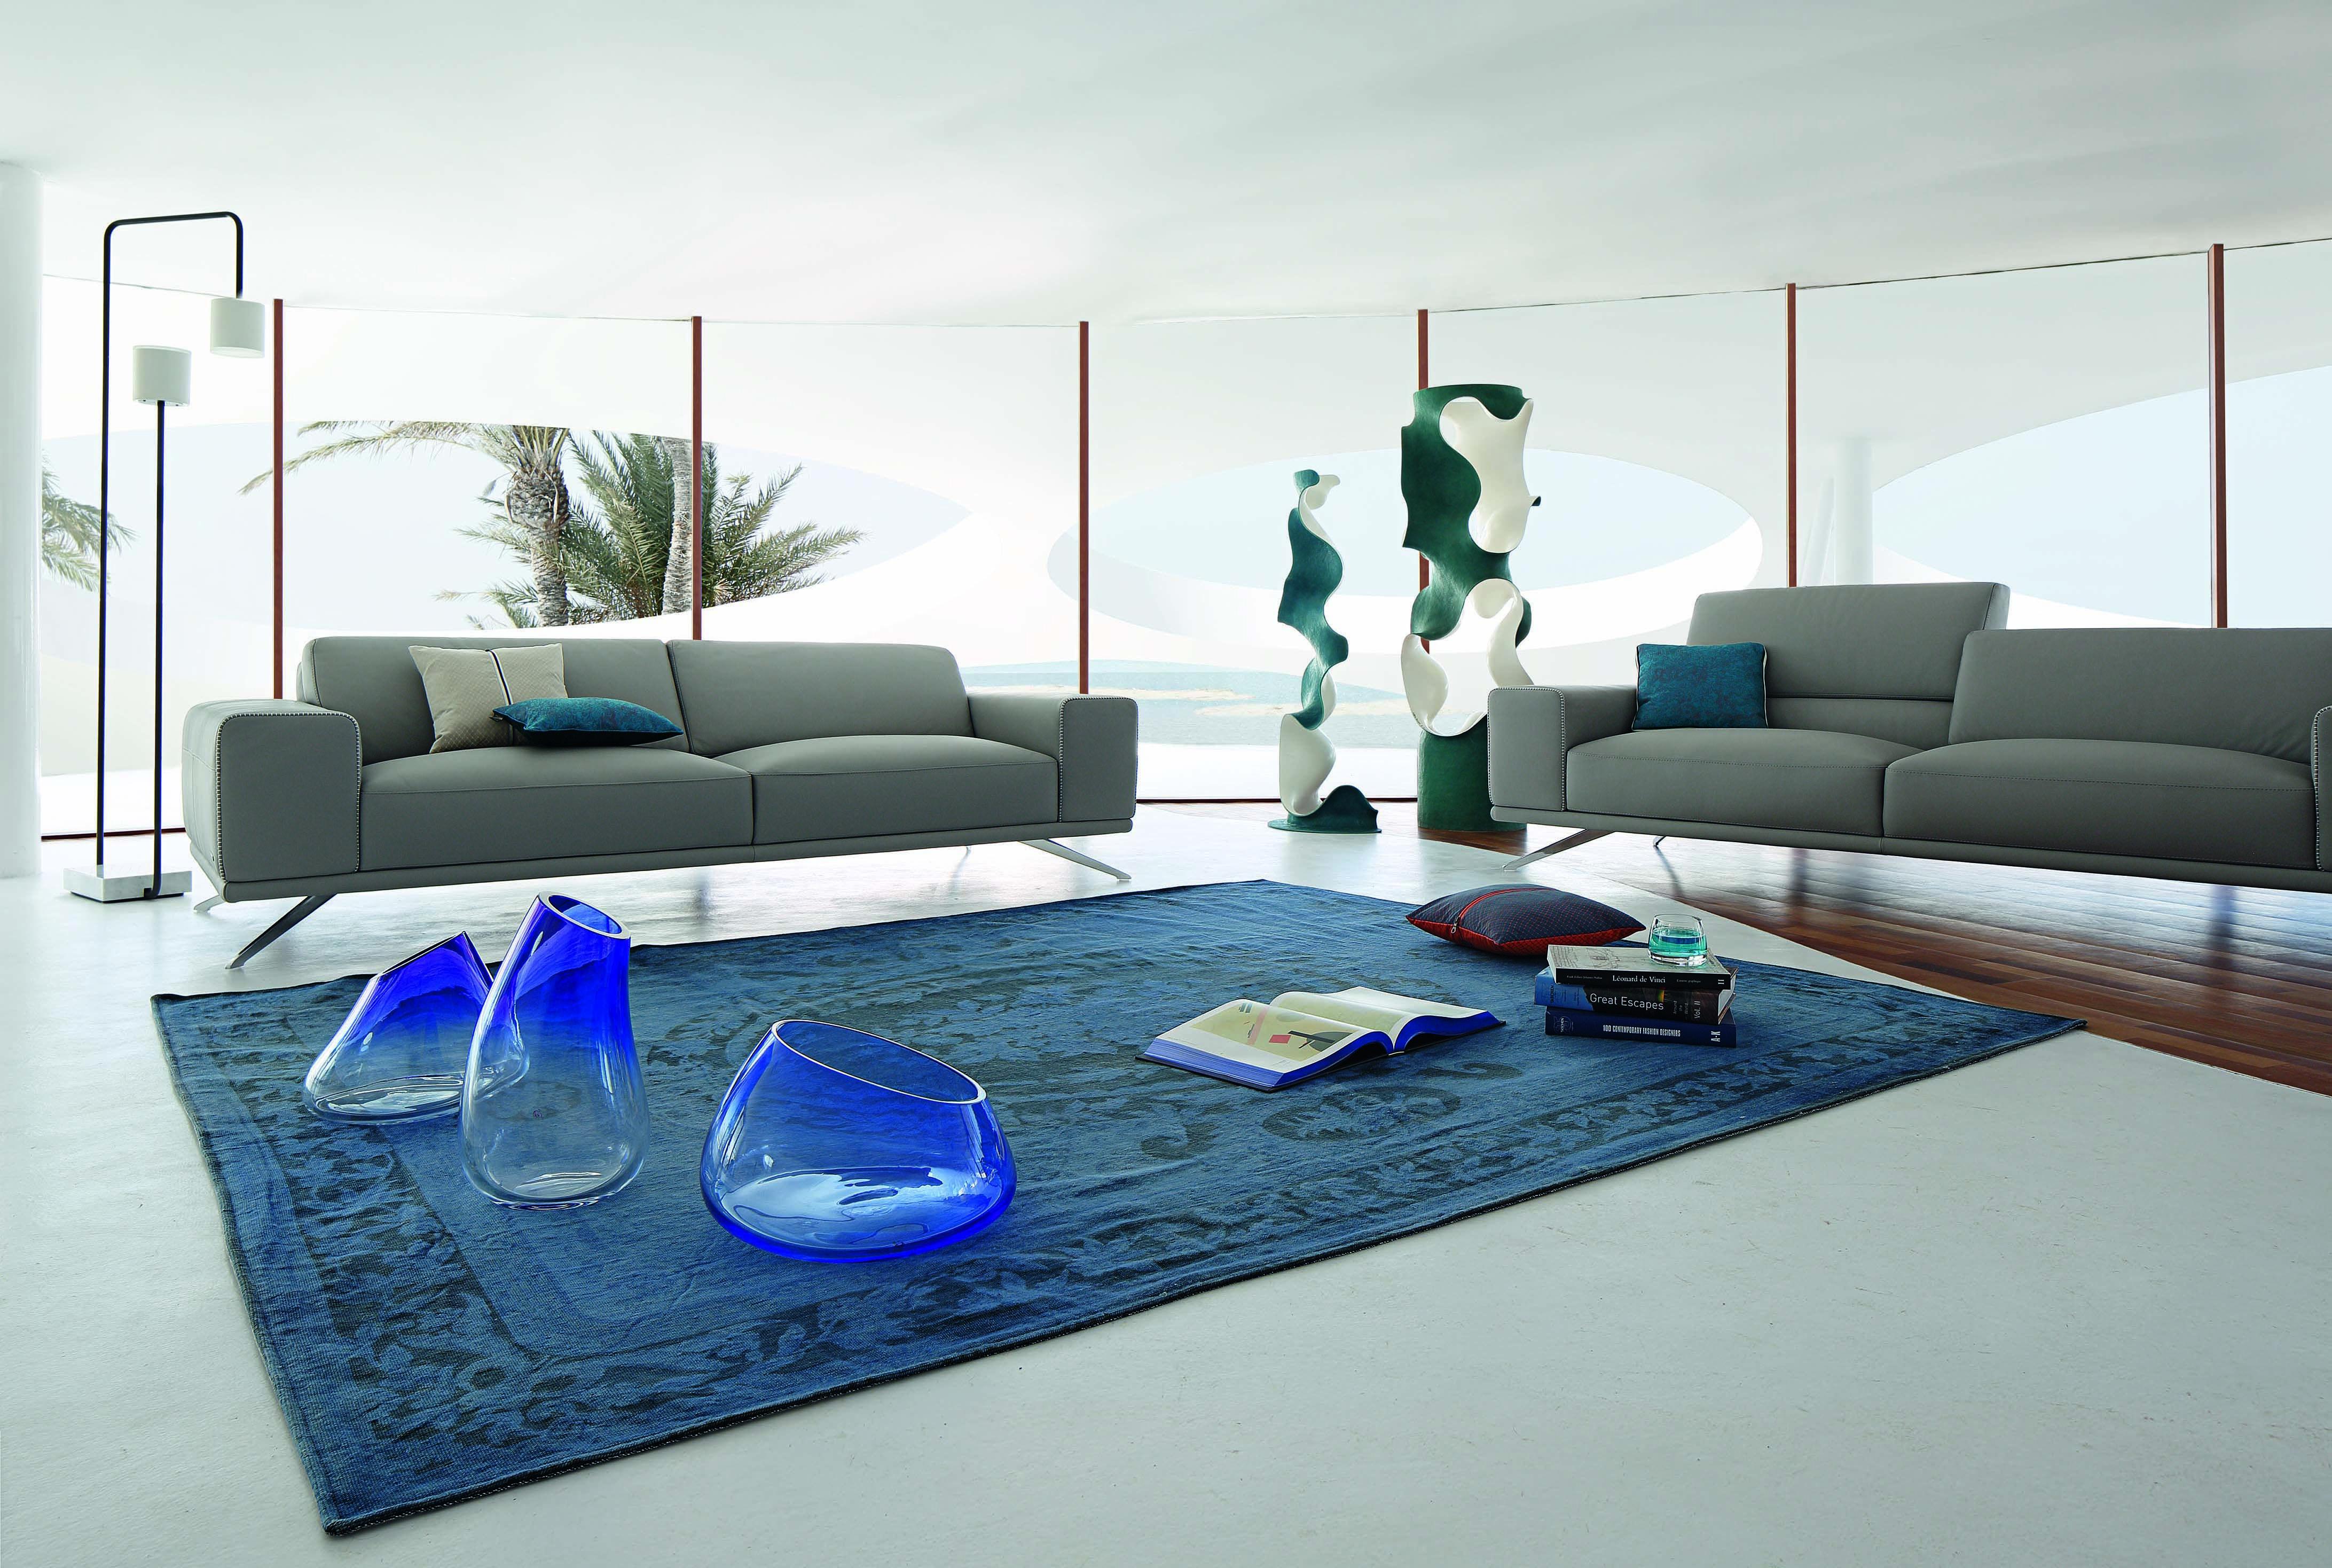 Roche bobois trello sofa in leather design sacha lakic leather sofa ro - Canape roche bobois solde ...